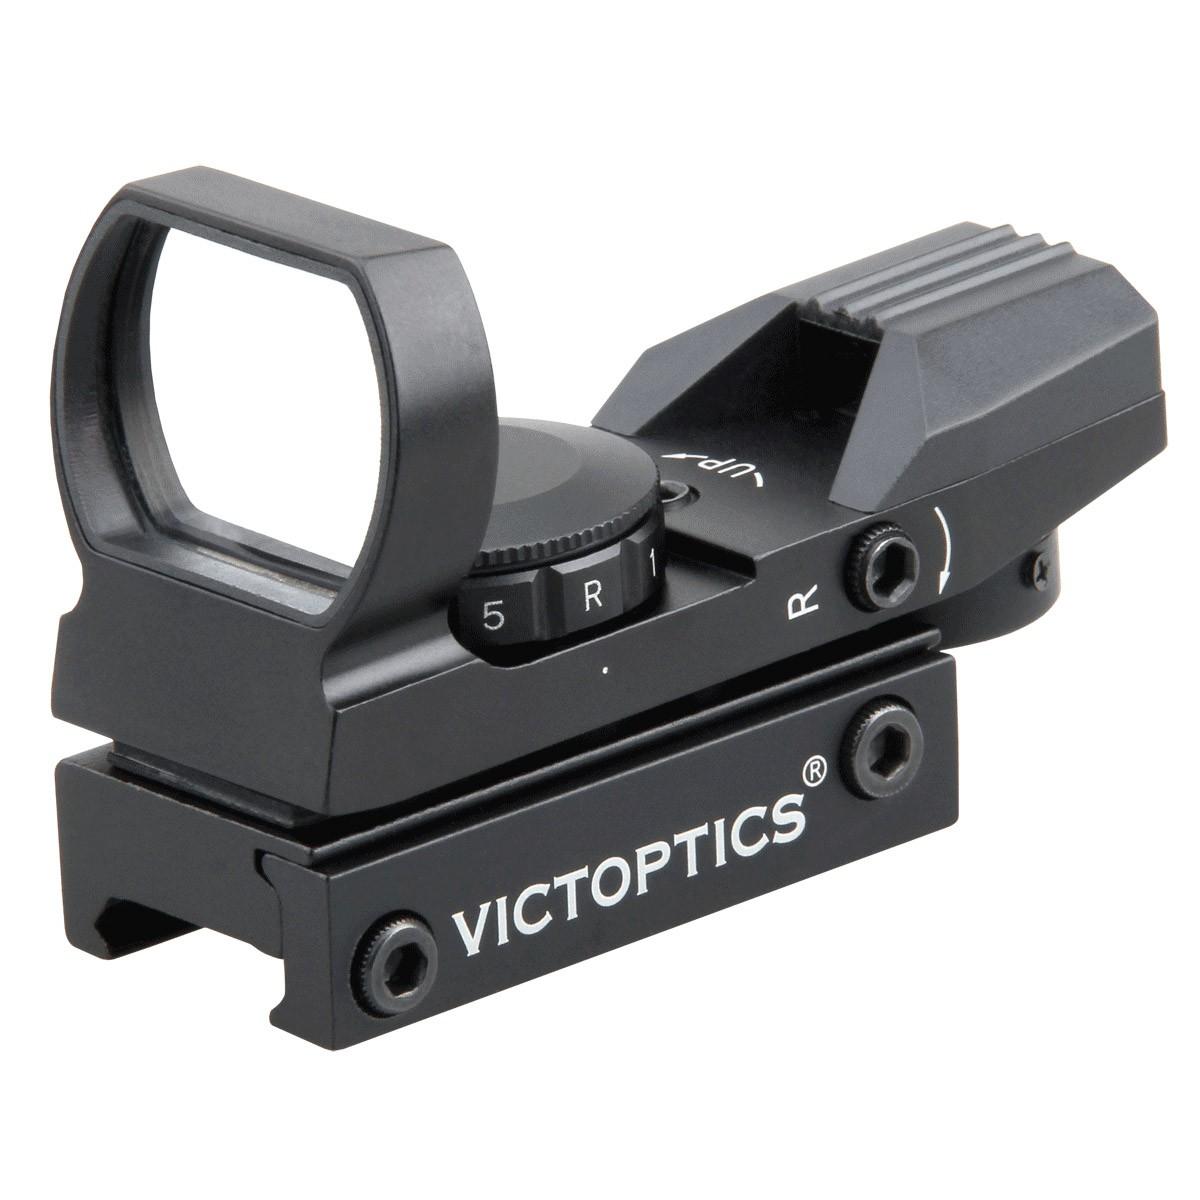 VictOptics Z1 1x23x34 Red Dot Sight